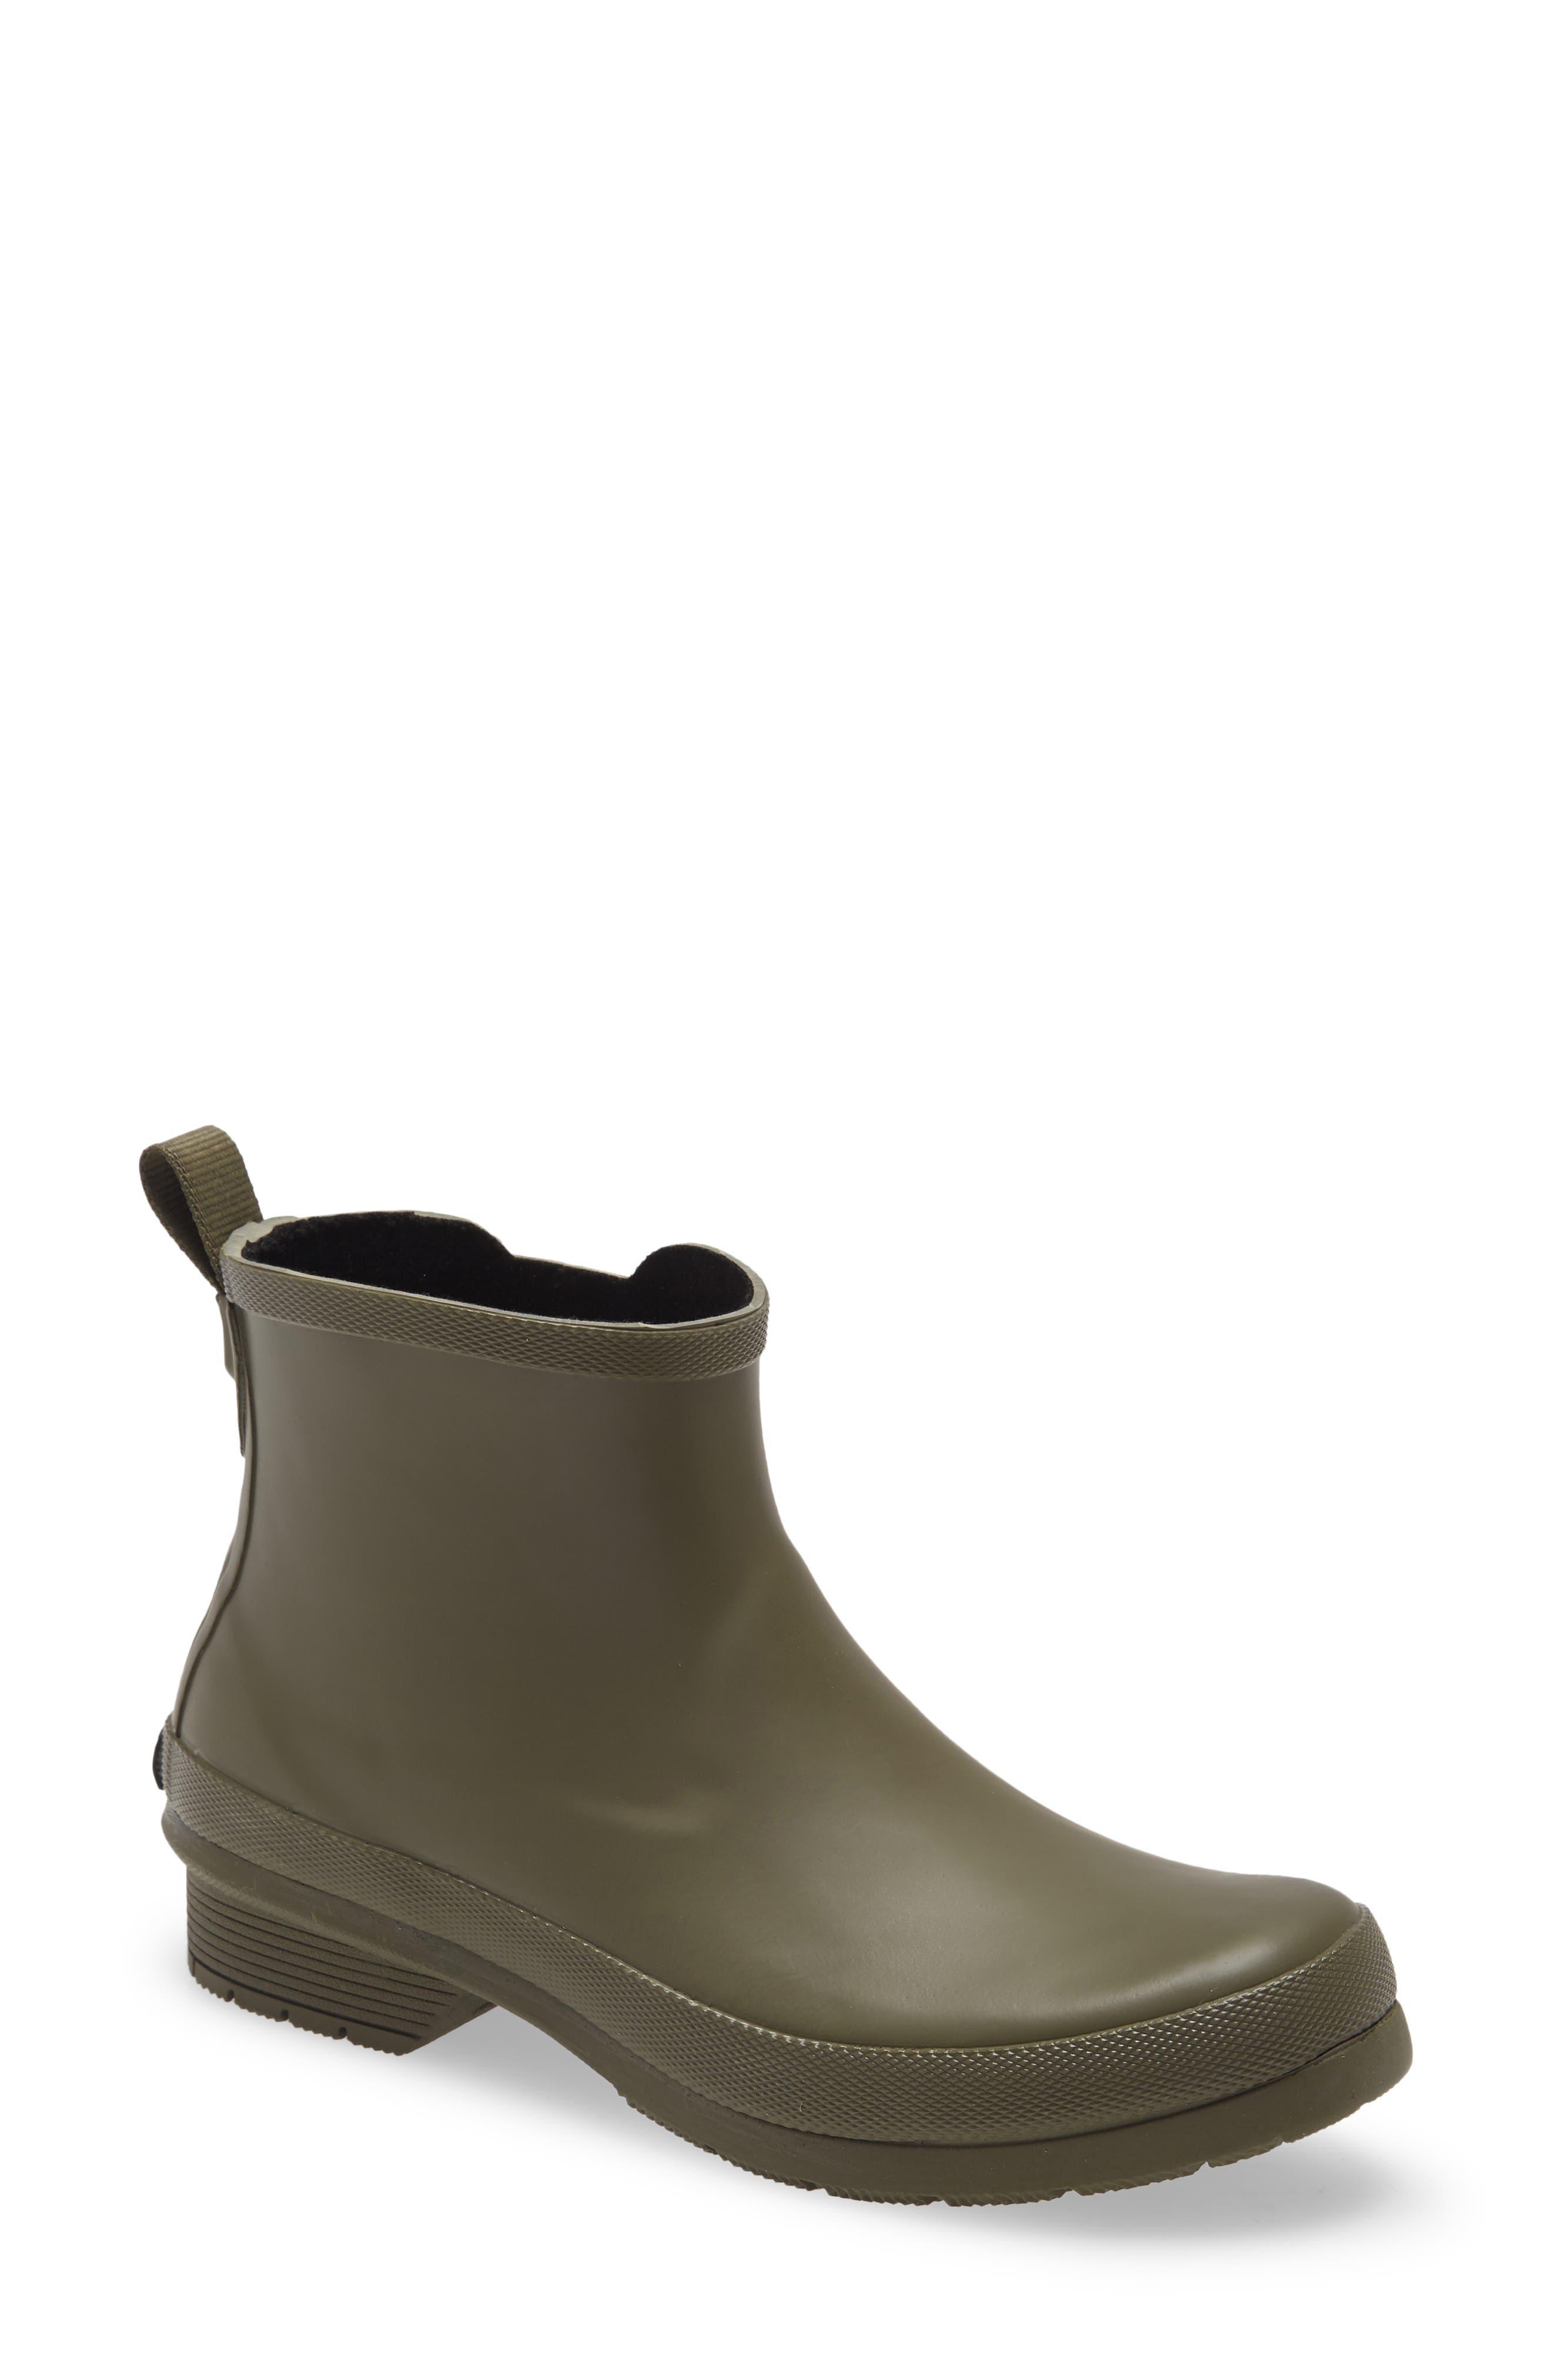 Women's Chooka Waterproof Chelsea Rain Boot